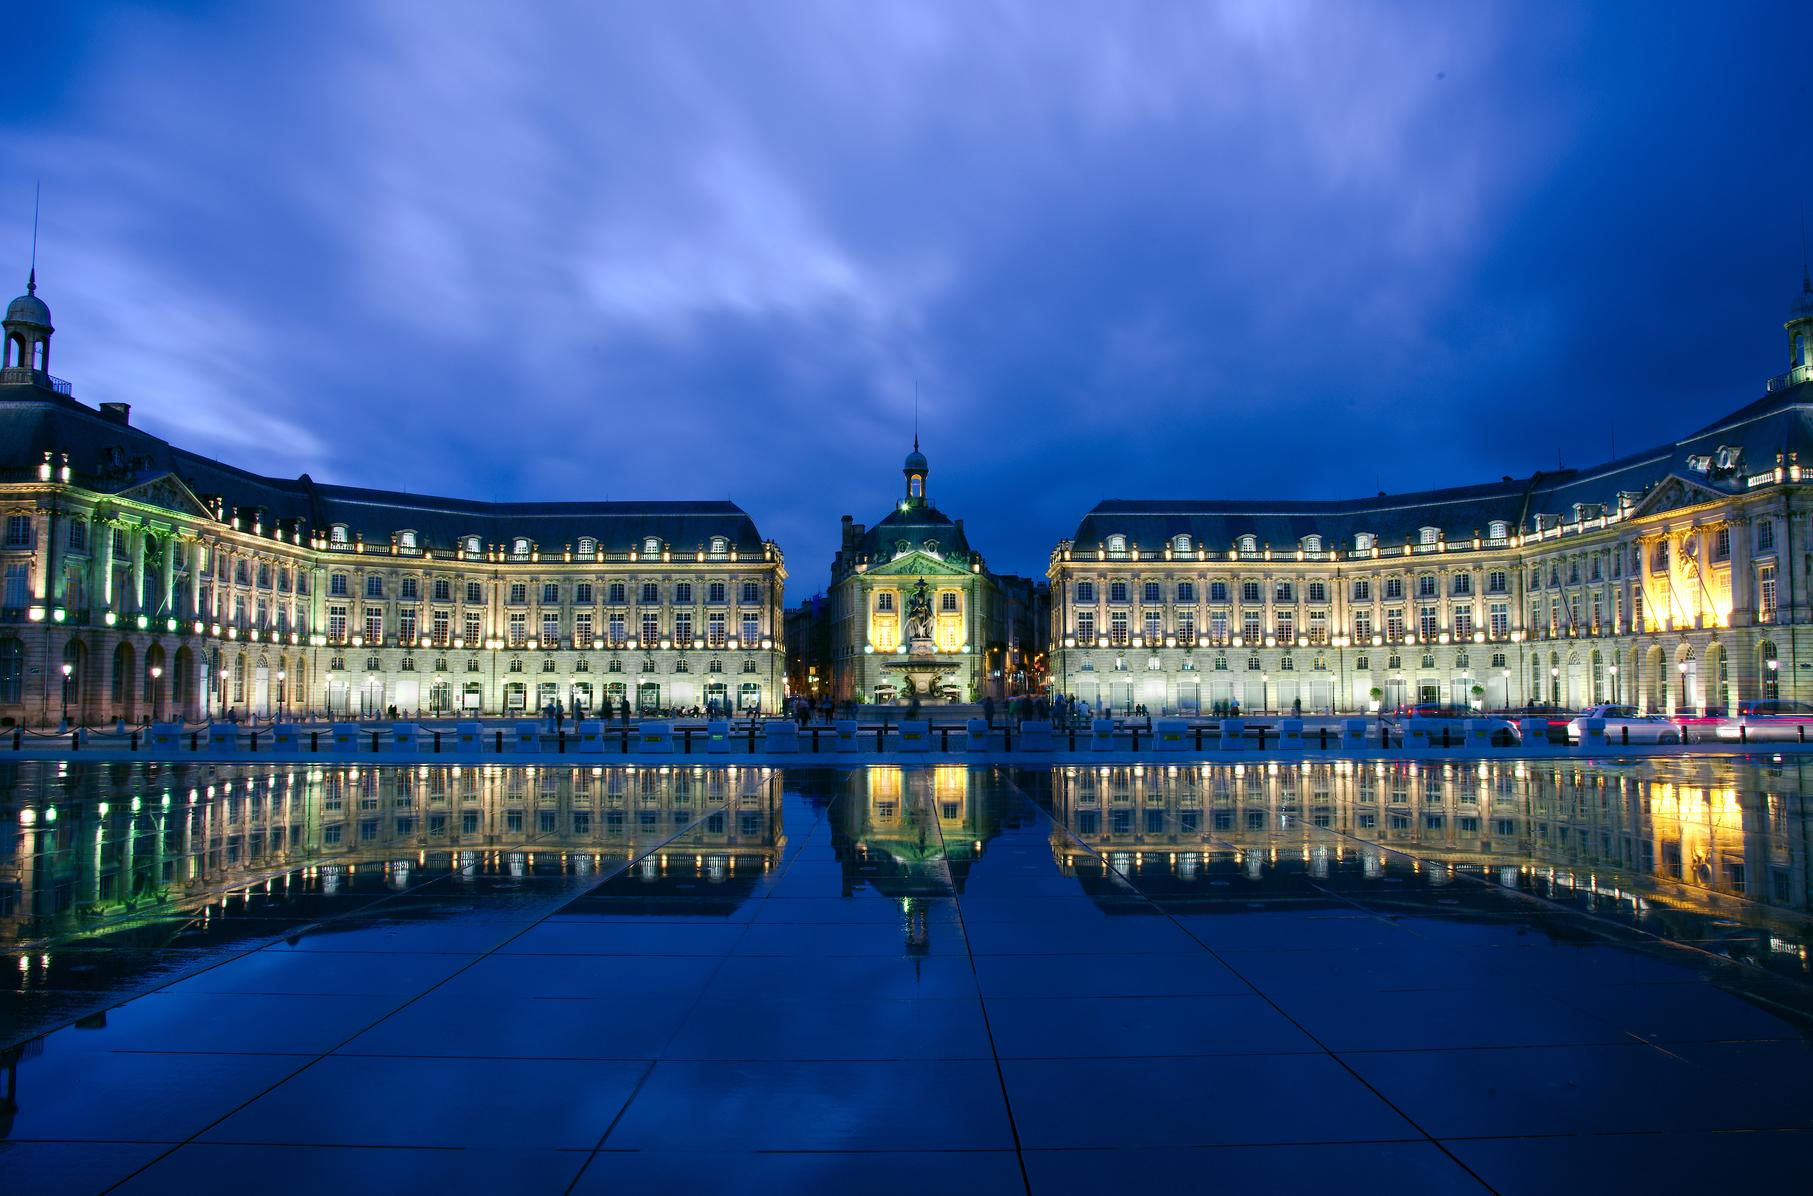 Place de la Bourse se reflète dans le miroir d'eau. Bordeaux